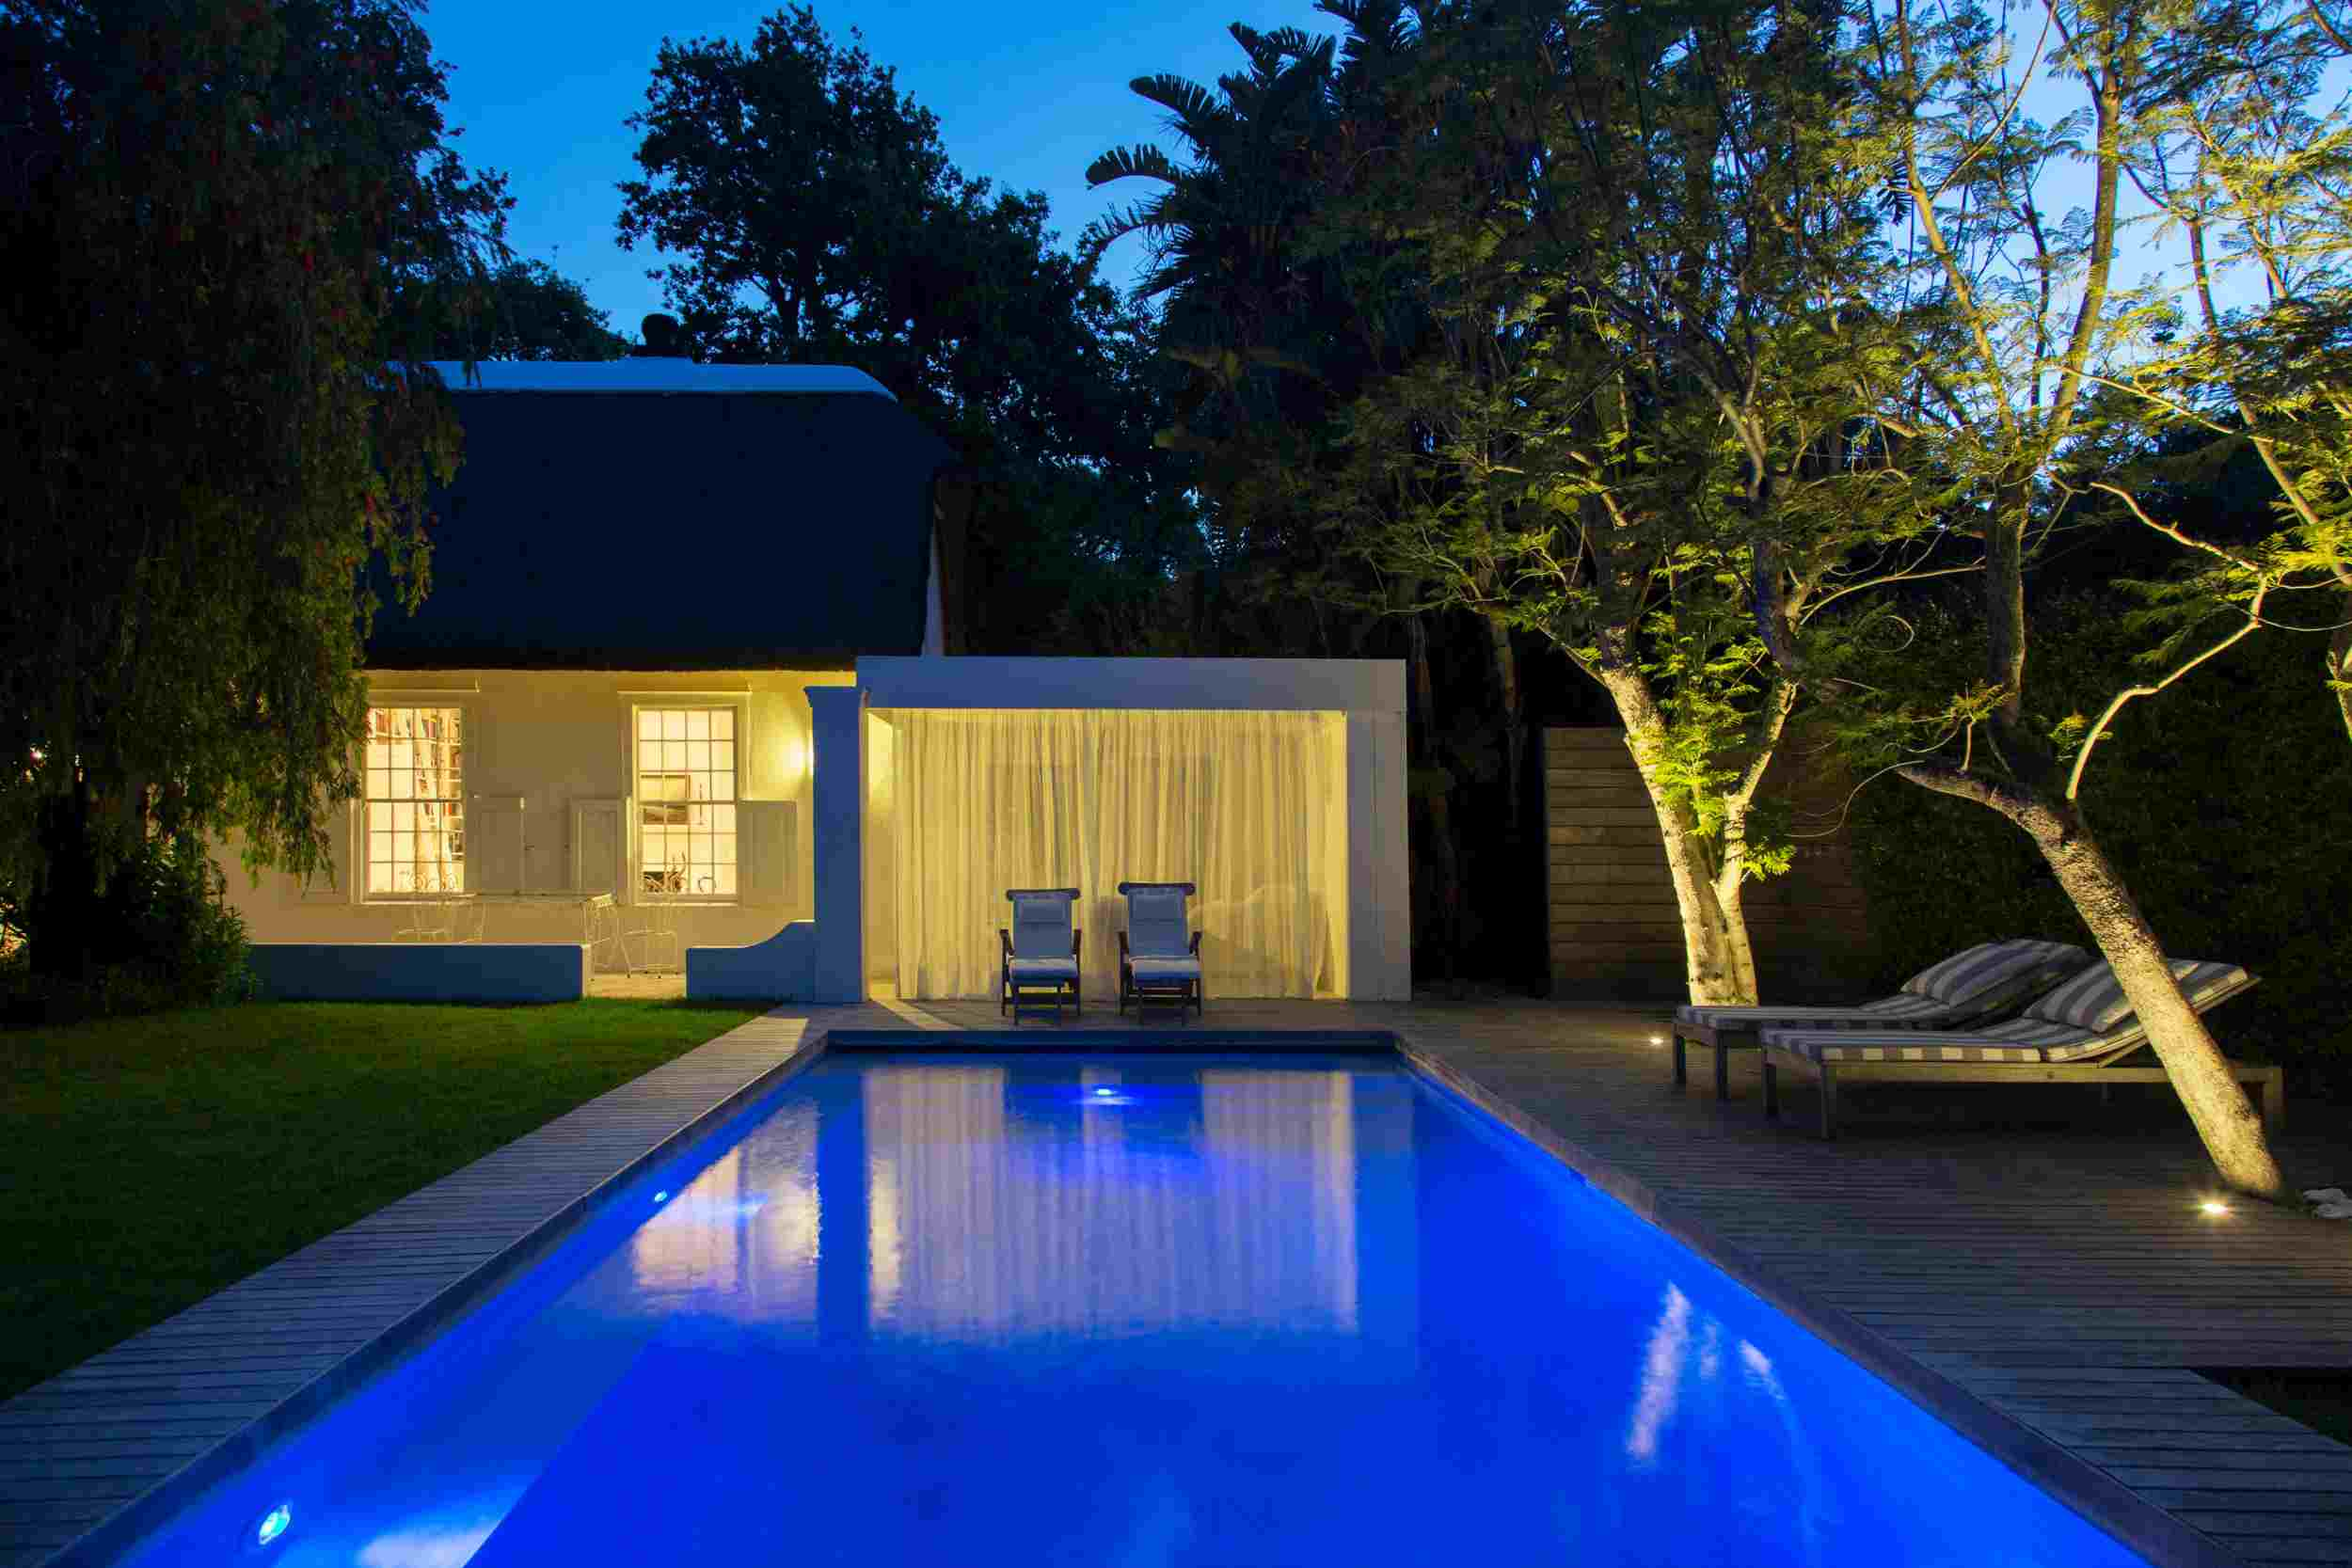 piscina y terraza en la noche